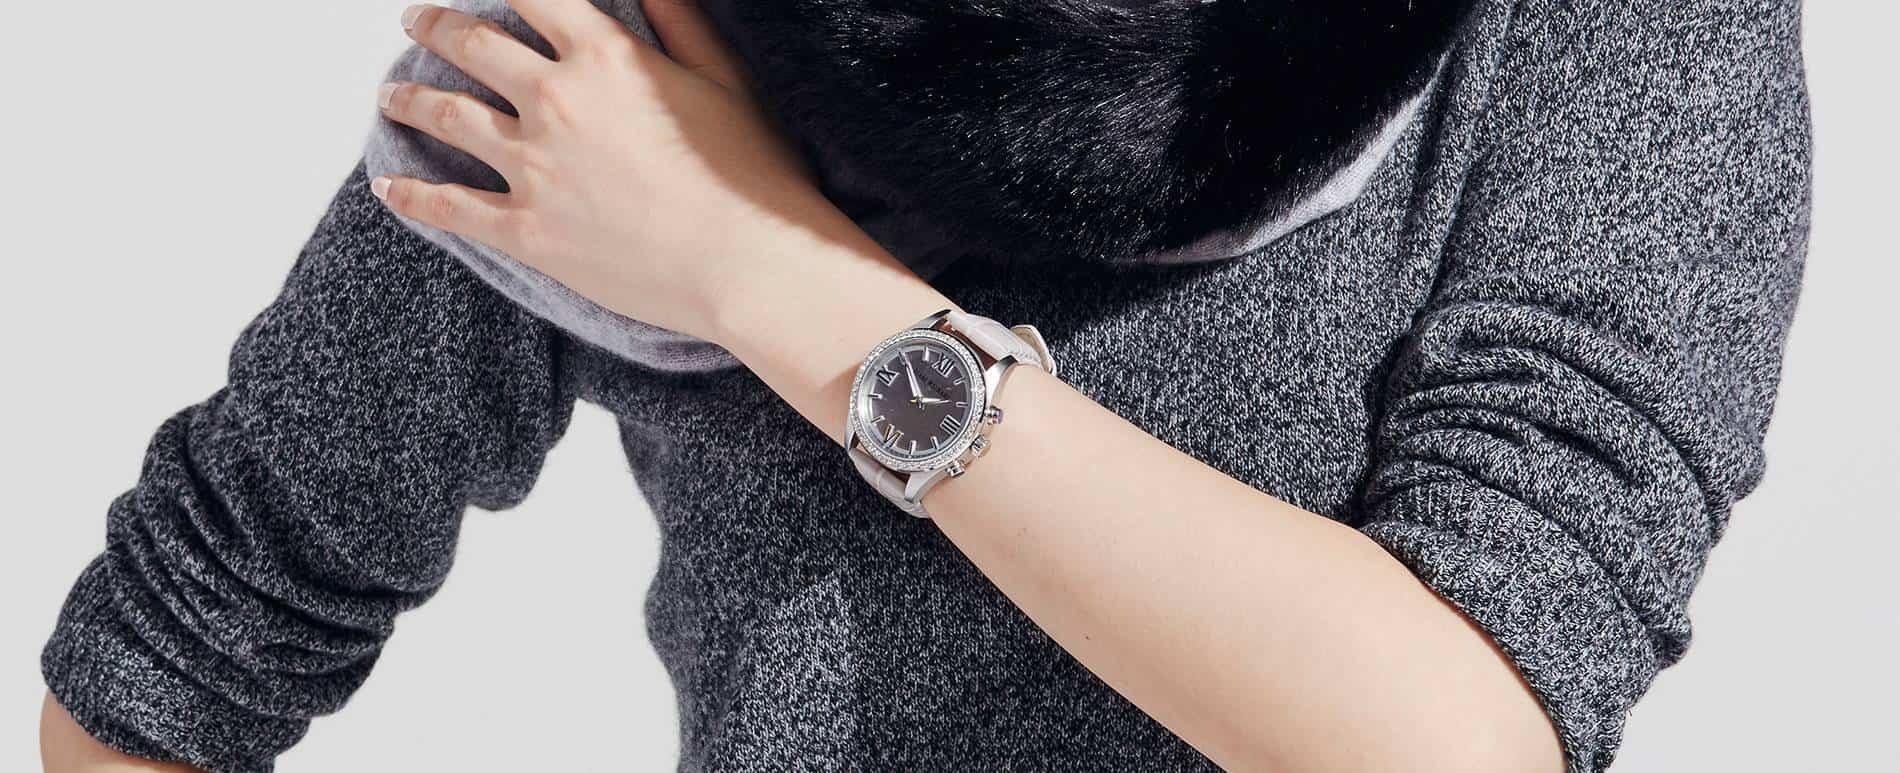 Isaac Mizrahi Smartwatch 1